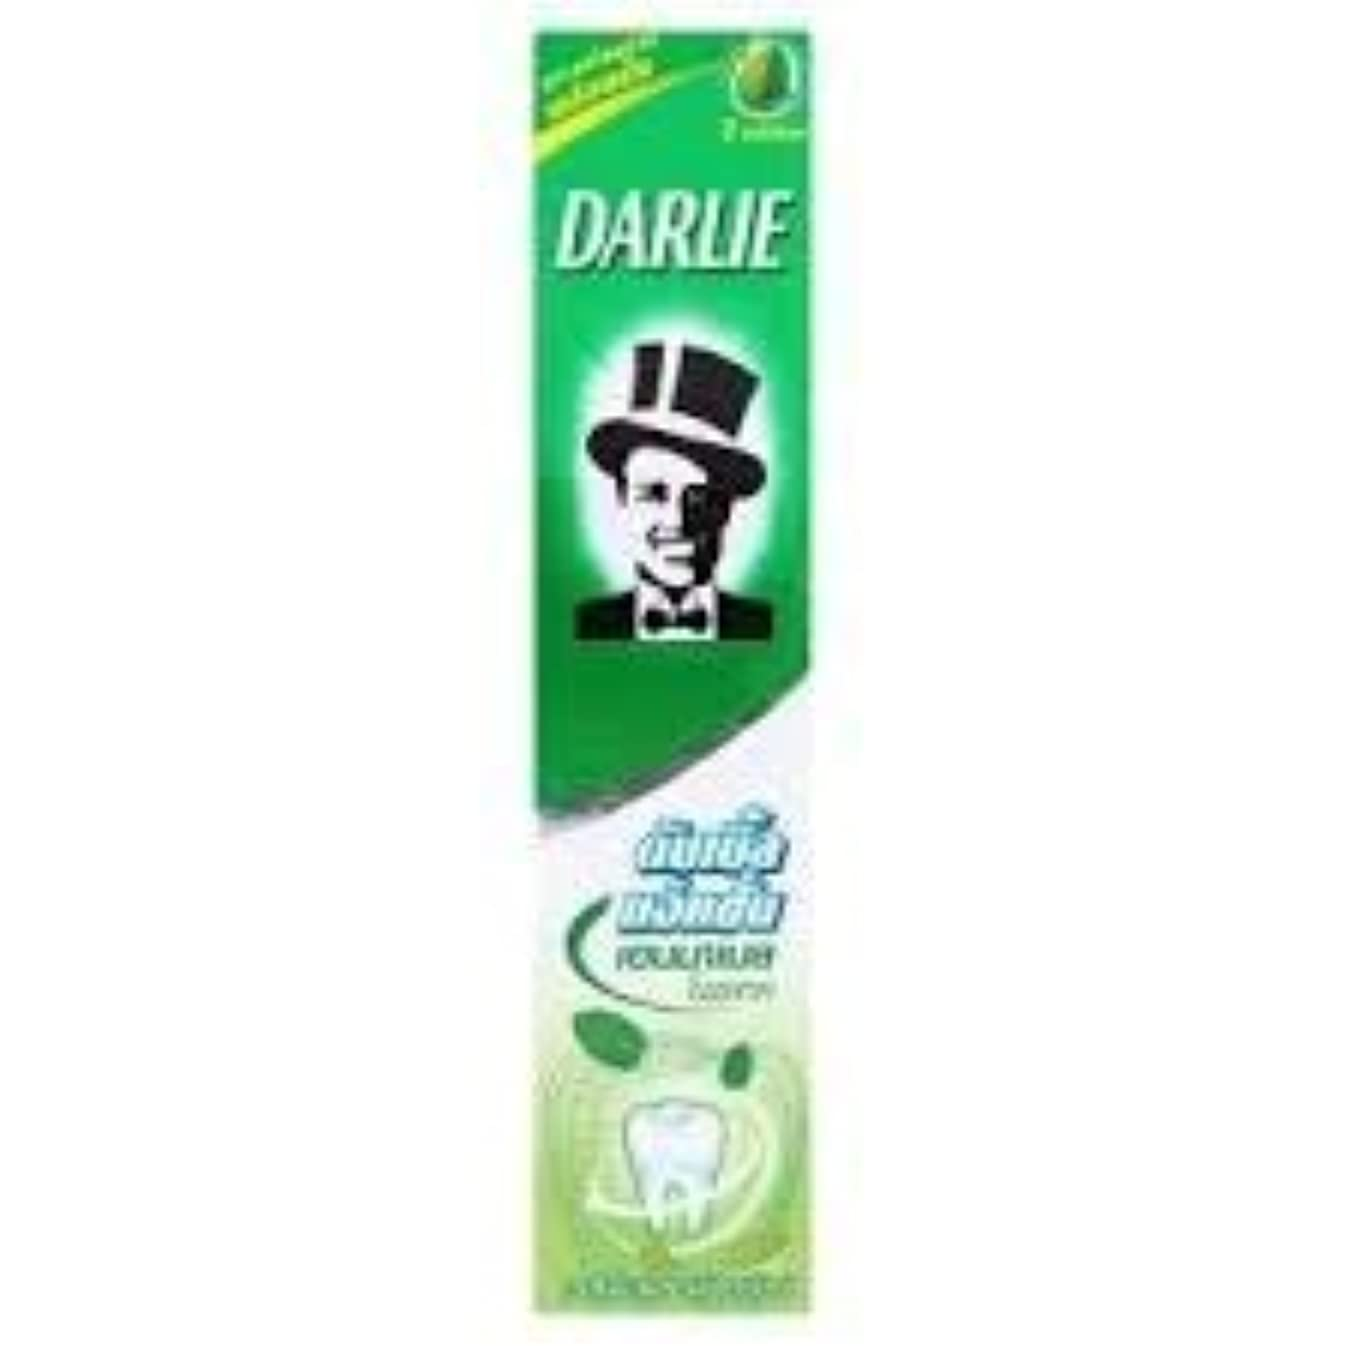 可聴賞賛するいたずらDARLIE 歯磨き粉エナメルは強力なミントを保護します200g - 私達の元の強いミントの味とあなたの呼吸のミントを新しく保ちます